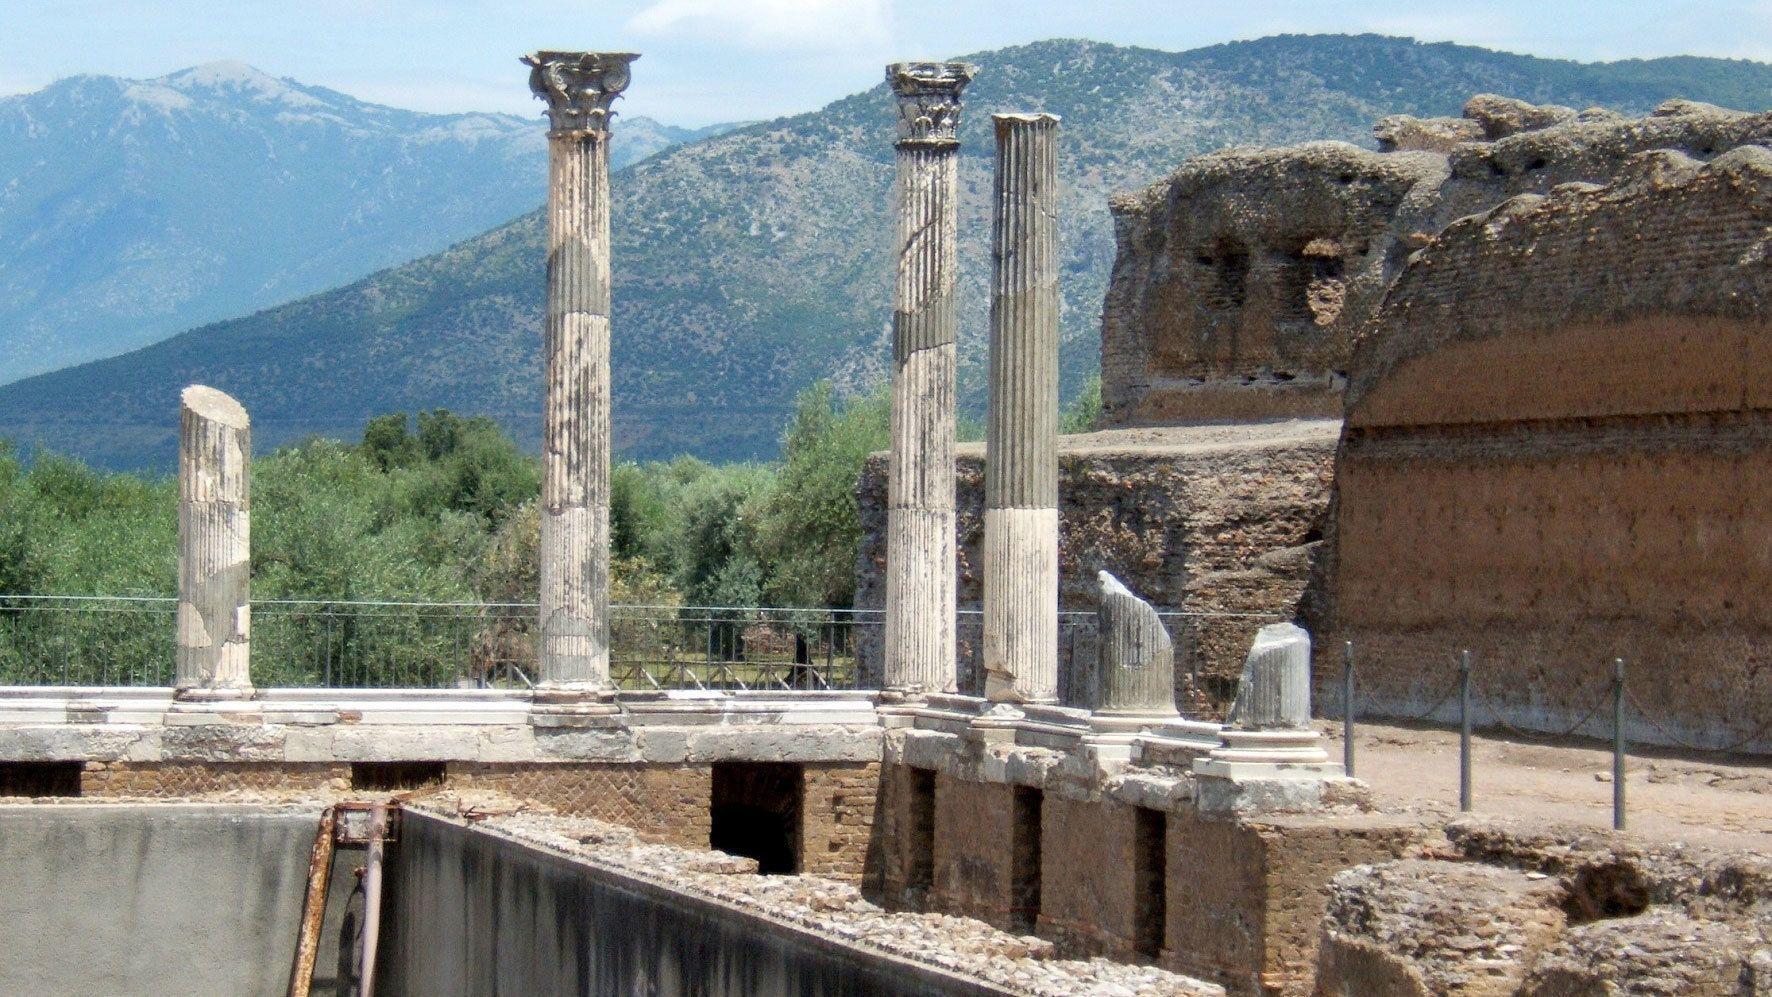 Tivoli-Tagesausflug zur Hadriansvilla und Villa d'Este mit Mittagessen